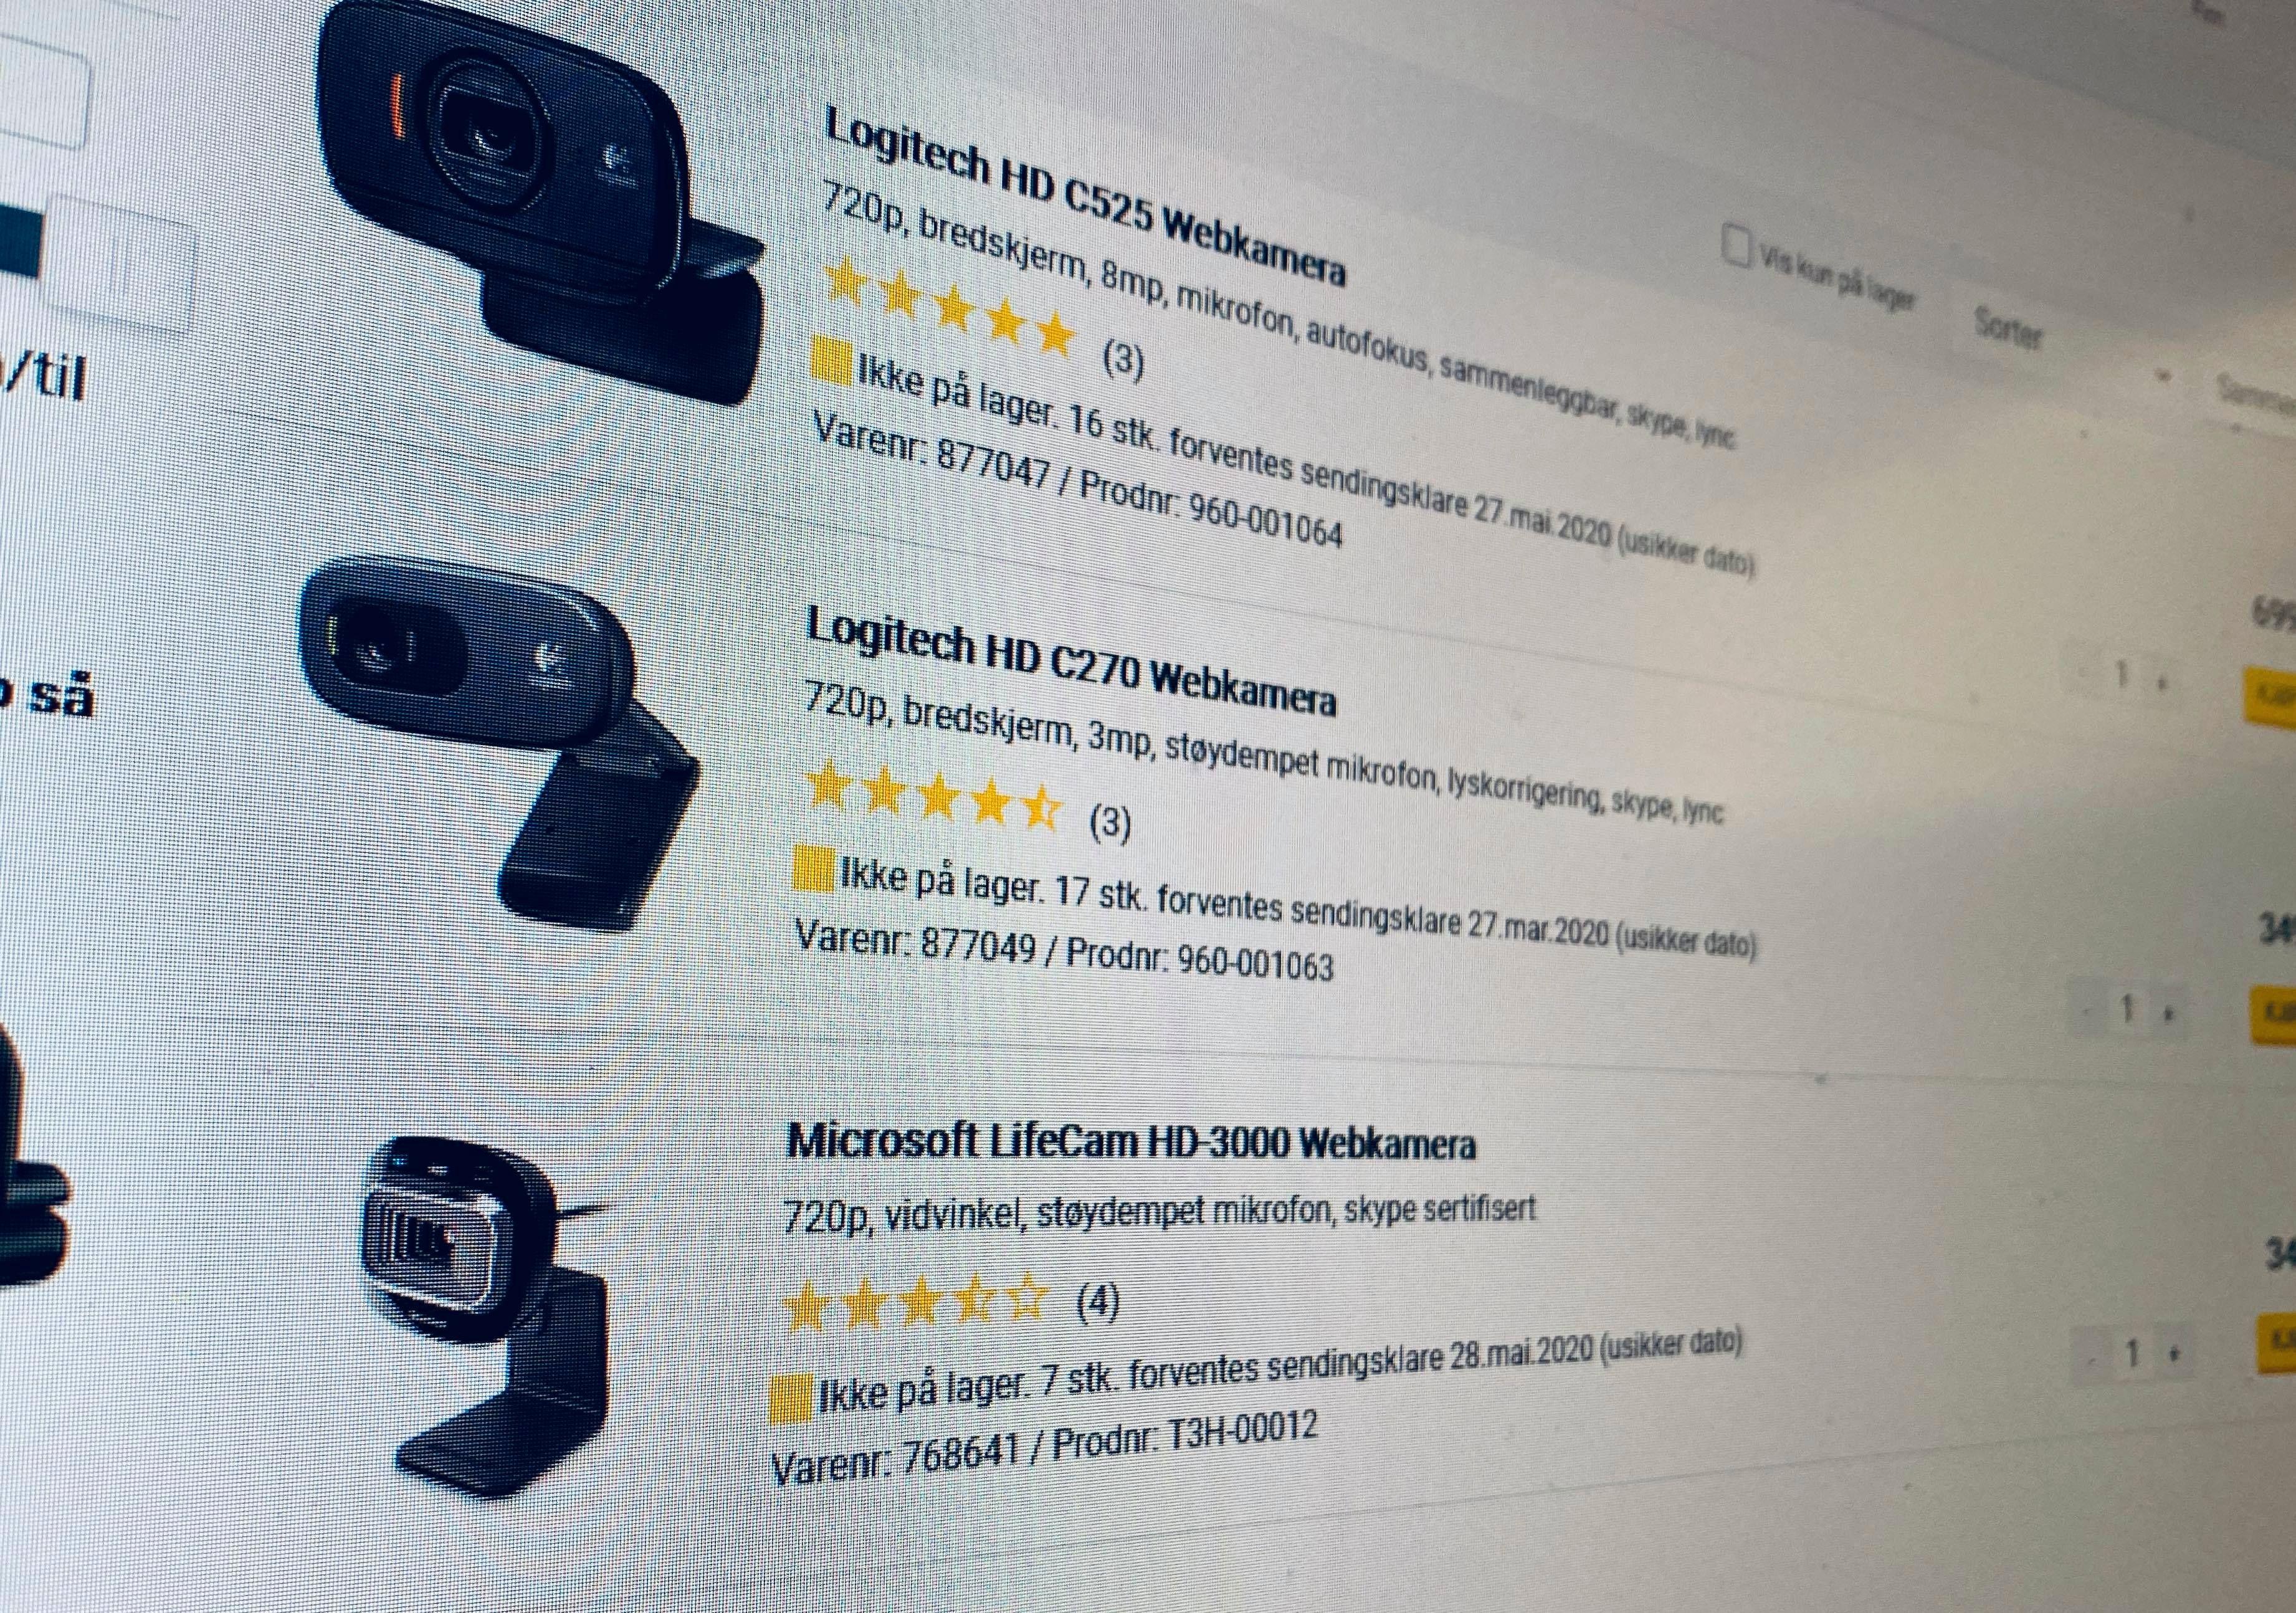 Her må vi vente på webkamera. De fleste steder må vi vente på webkamera. Prisjakt rapporterer at kategorien har hatt en økning på illsinte 1735 prosent i en liten periode nå i mars.